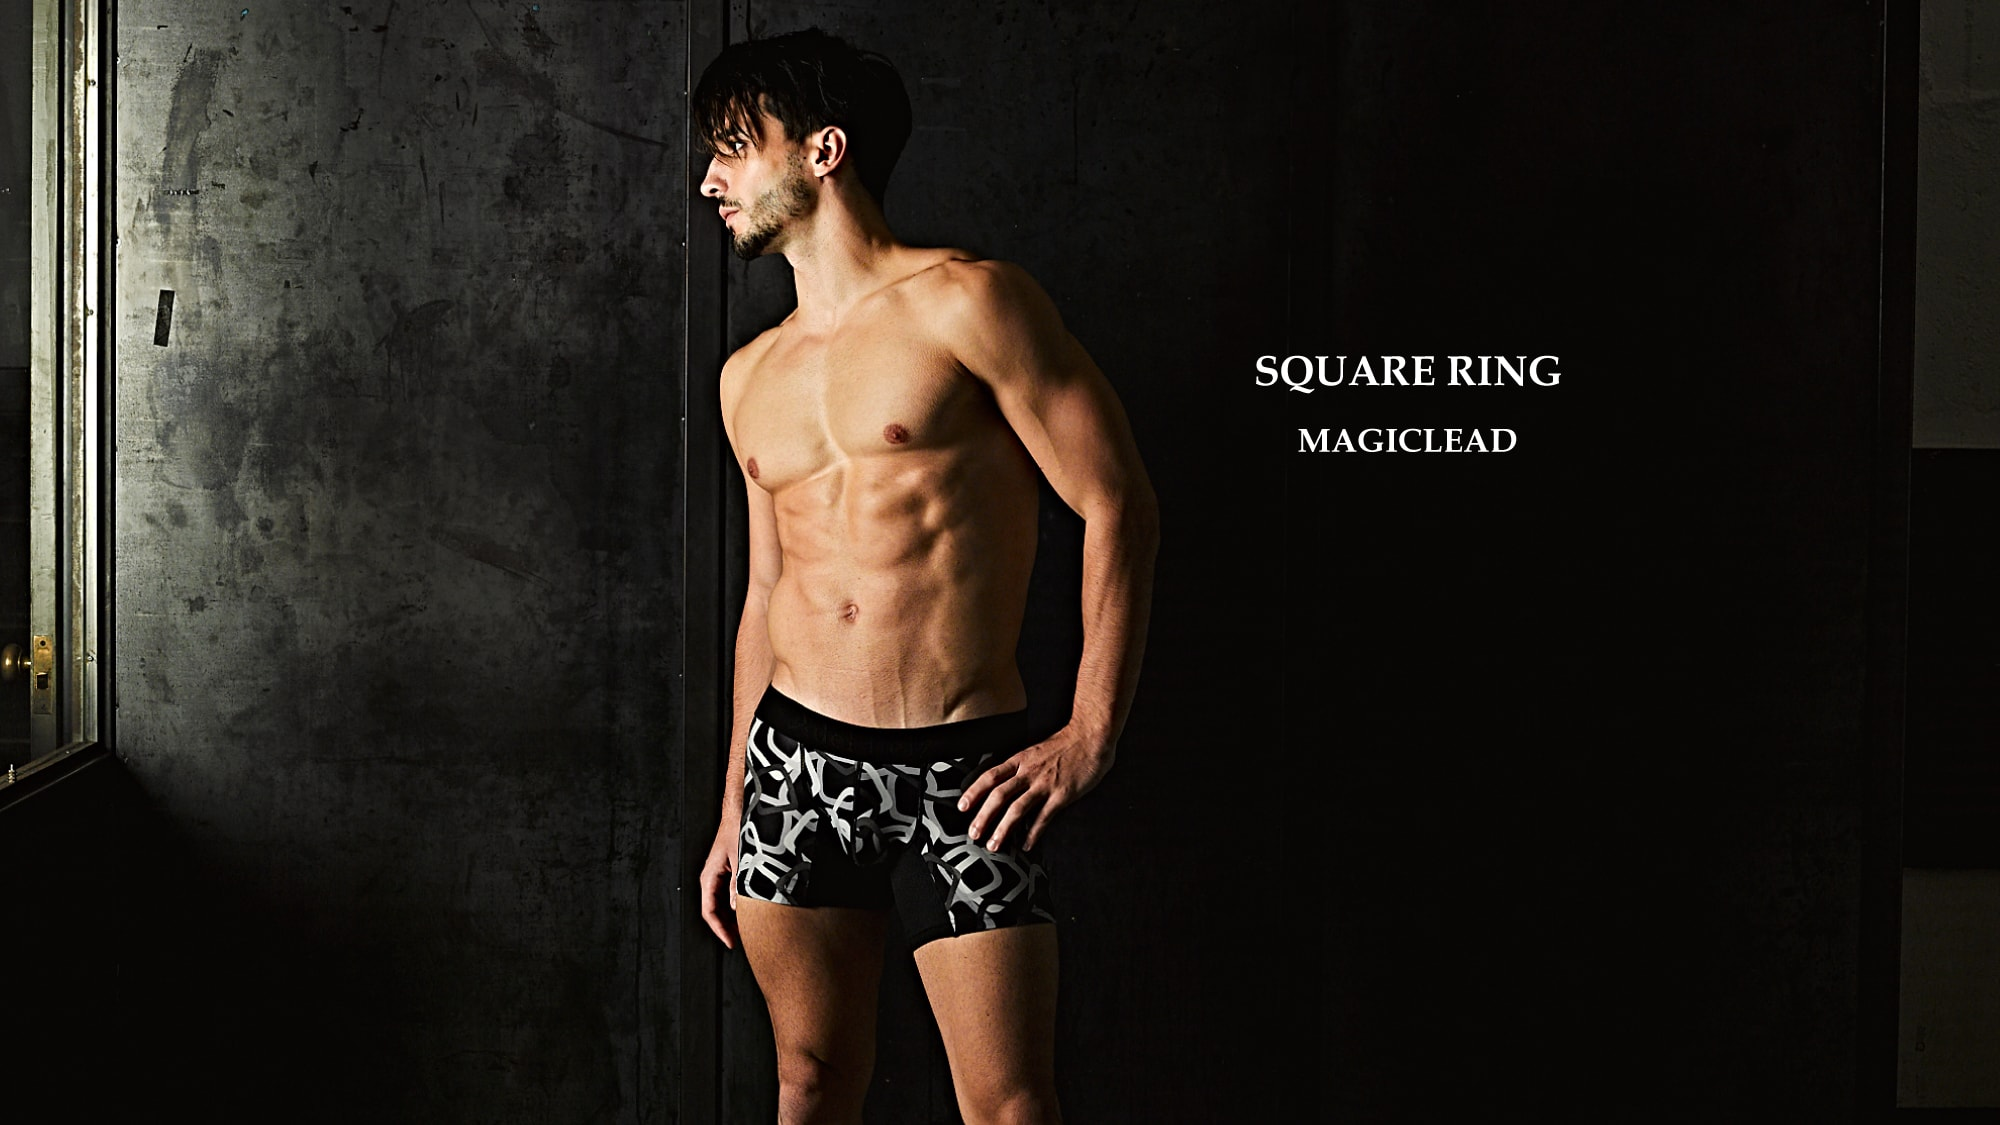 SQUARE RING おしゃれ 高級下着 日本製メンズボクサーパンツブランド、 Adelbelz(アデルベルツ)公式通販